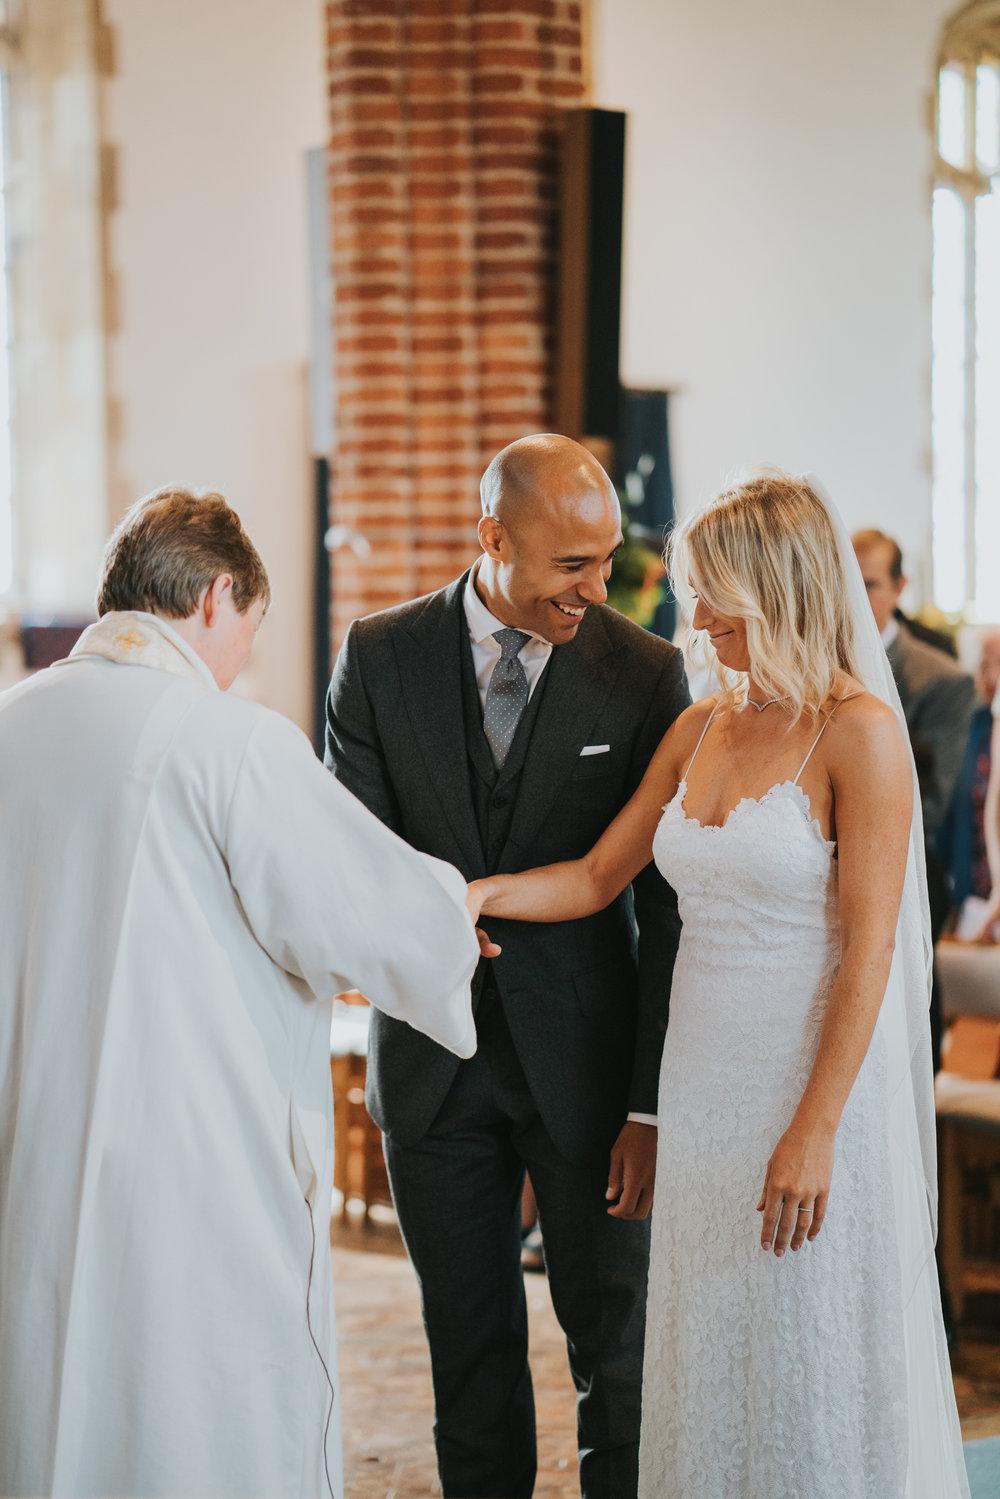 intimate-english-church-wedding-sarah-alex-colchester-essex-grace-elizabeth-colchester-essex-alternative-wedding-lifestyle-photographer-essex-suffolk-norfolk-devon (51 of 92).jpg